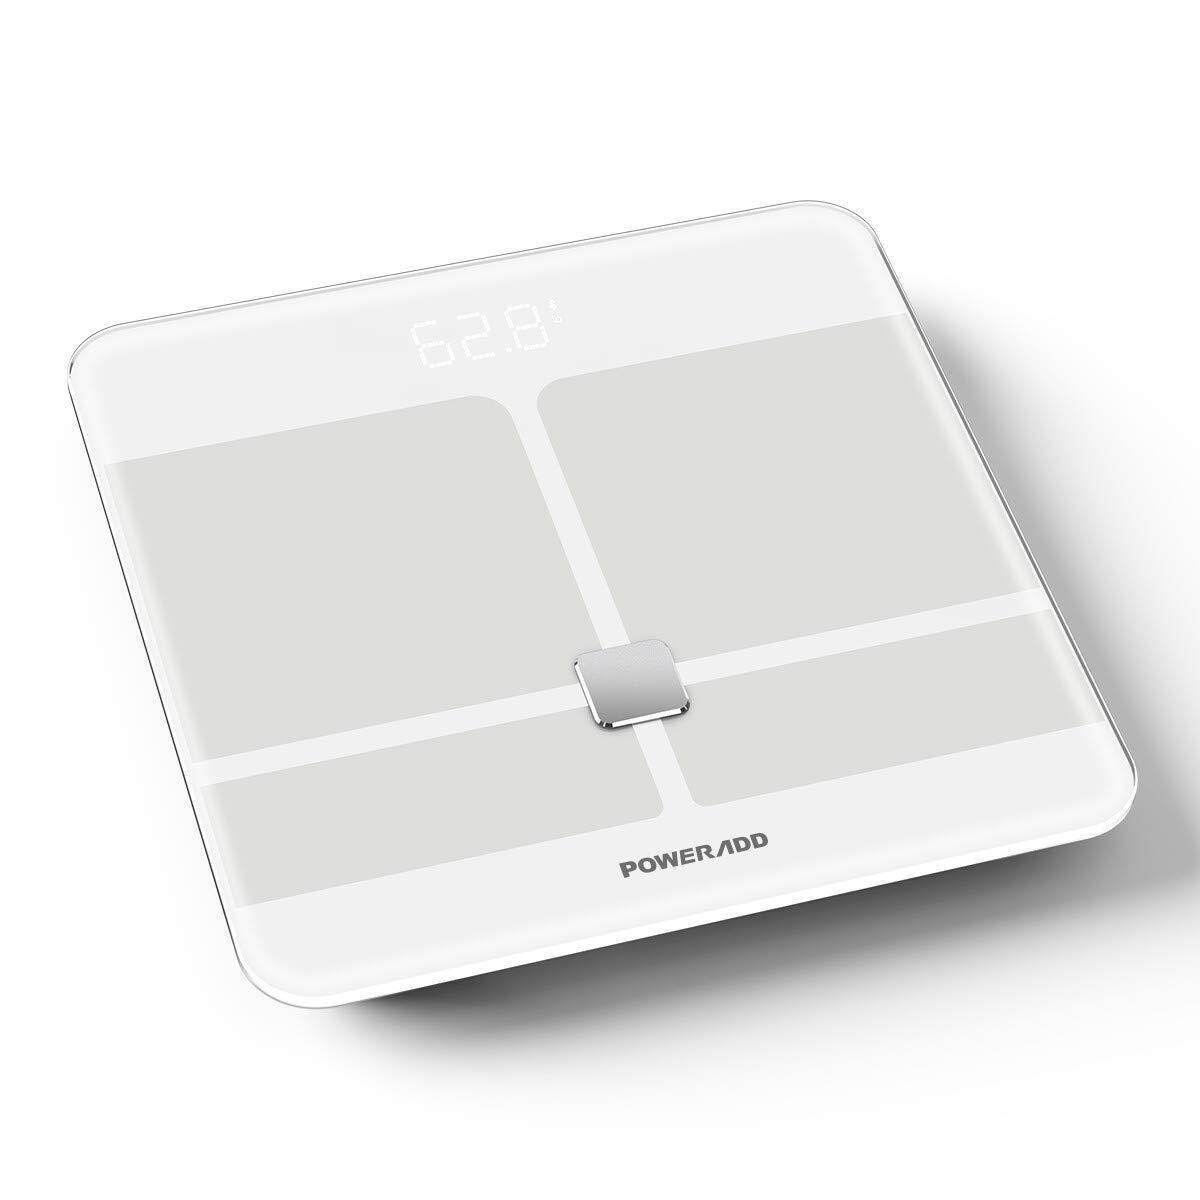 POWERADD Bilancia Pesapersone Digitale con Vetro Temperato e una Capacità 180kg, Bluetooth Bilancia Diagnostica per Grasso Corporeo Misura 8 parametri di corpo,Bianco